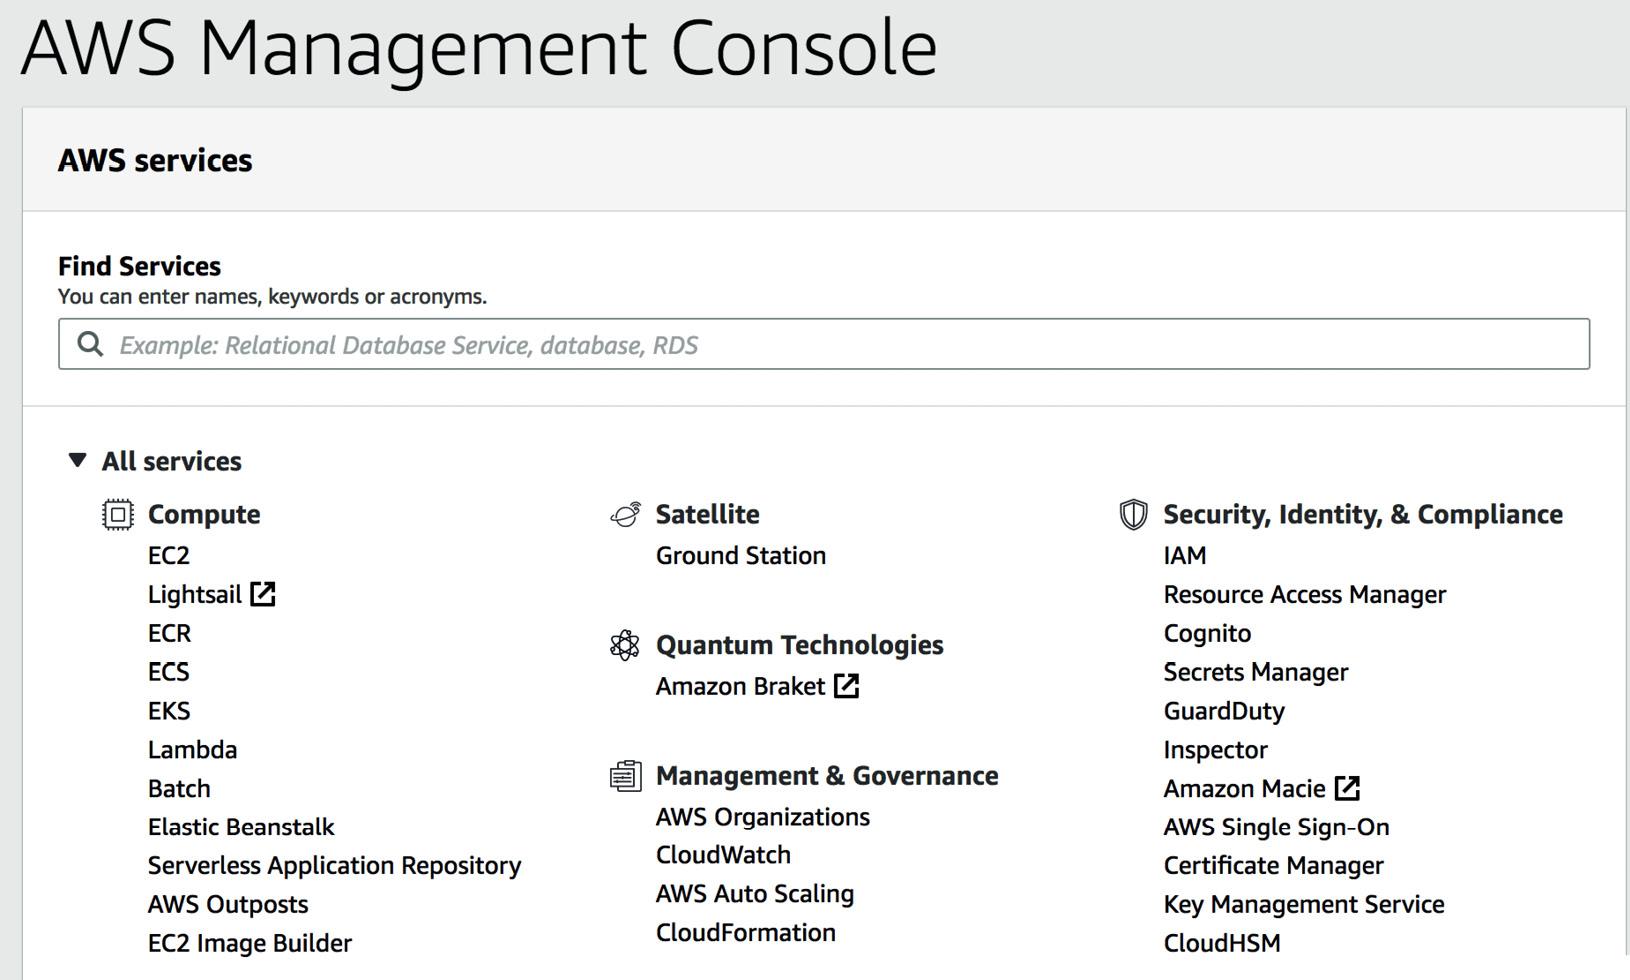 Figure 1.4 – AWS Management Console